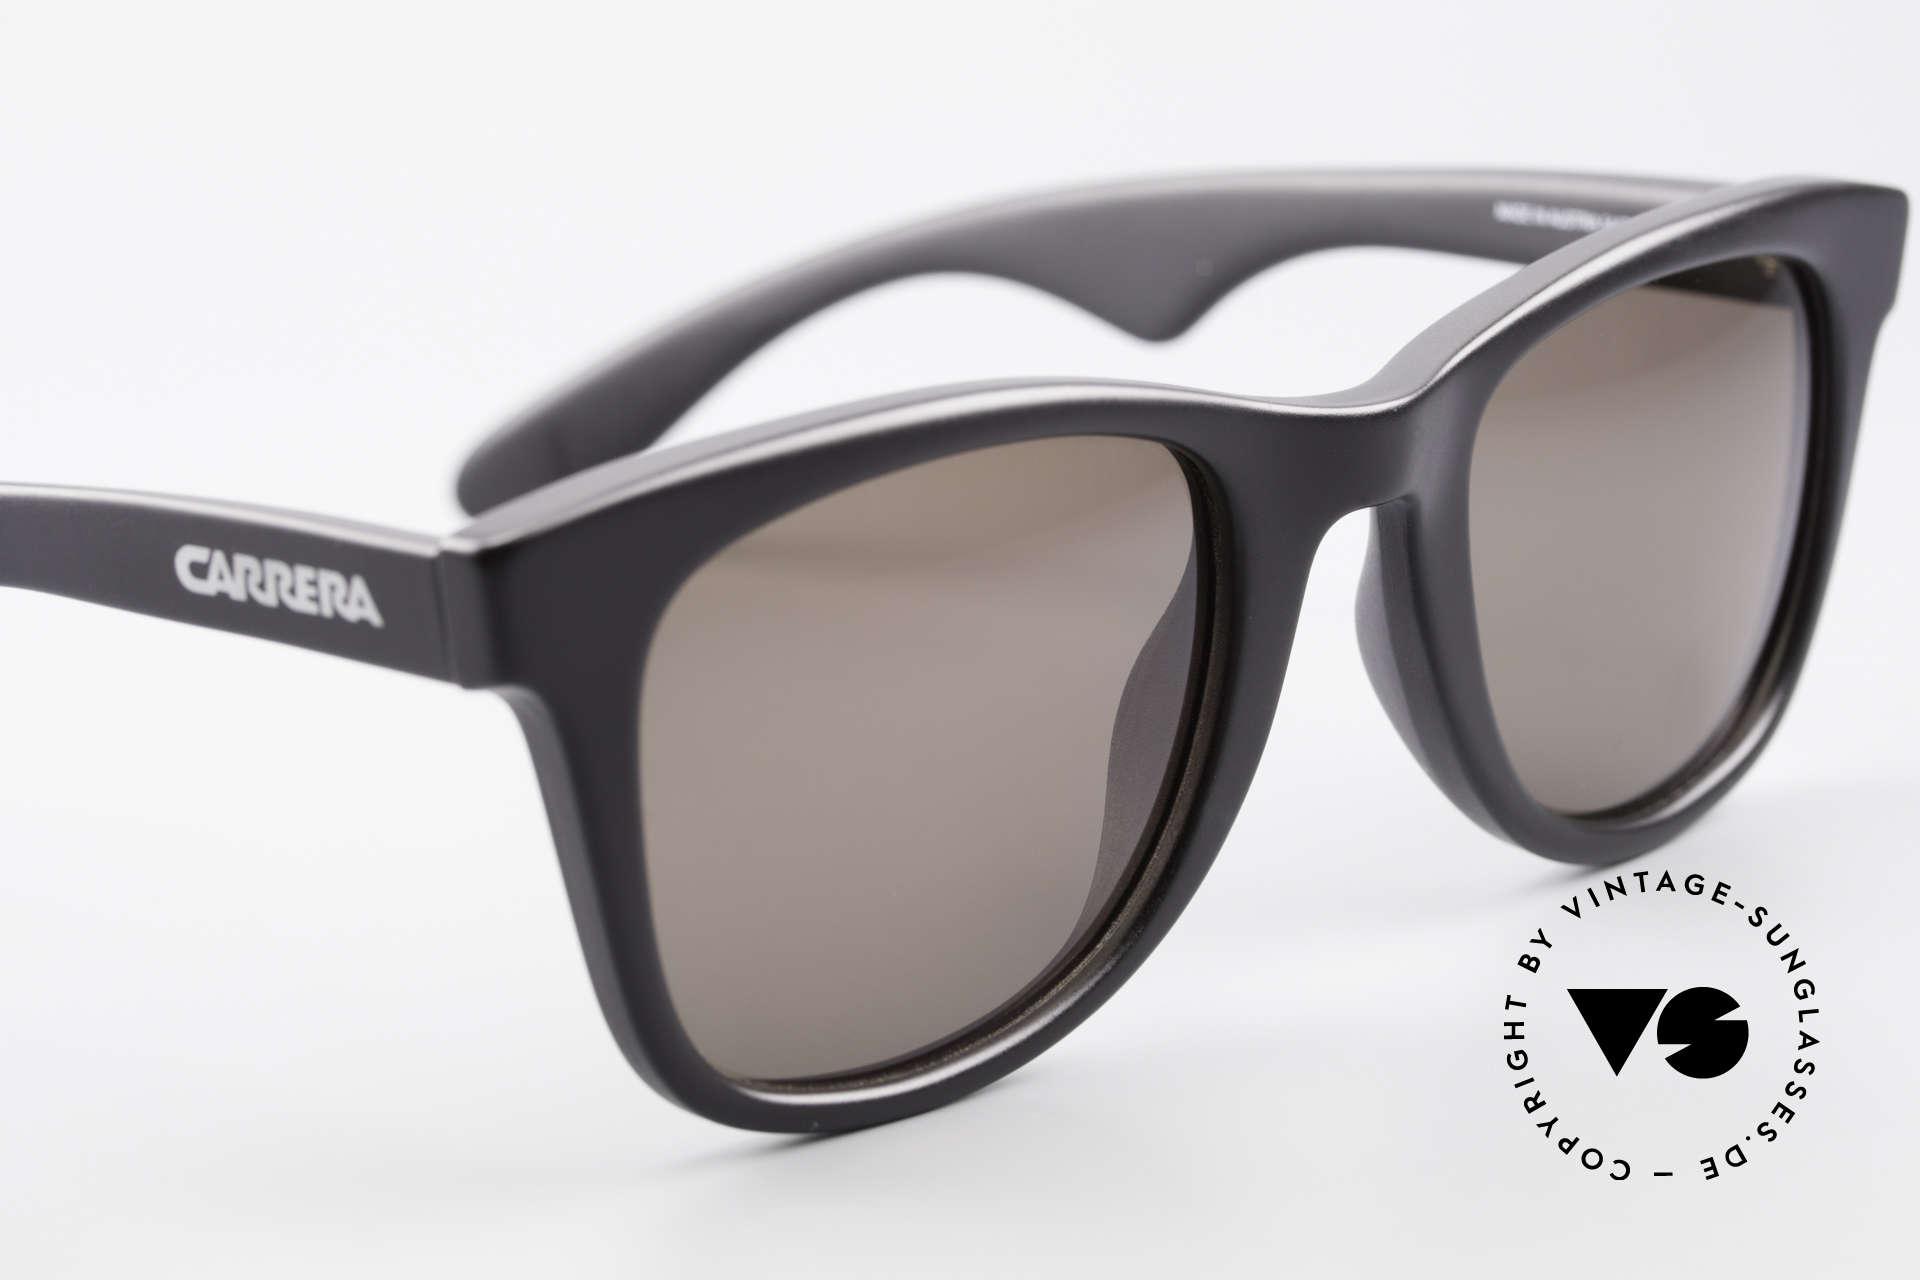 Carrera 5447 Sonnenbrille Im Wayfarer Stil, ungetragenes Einzelstück (inkl. Movado Stoffbeutel), Passend für Herren und Damen